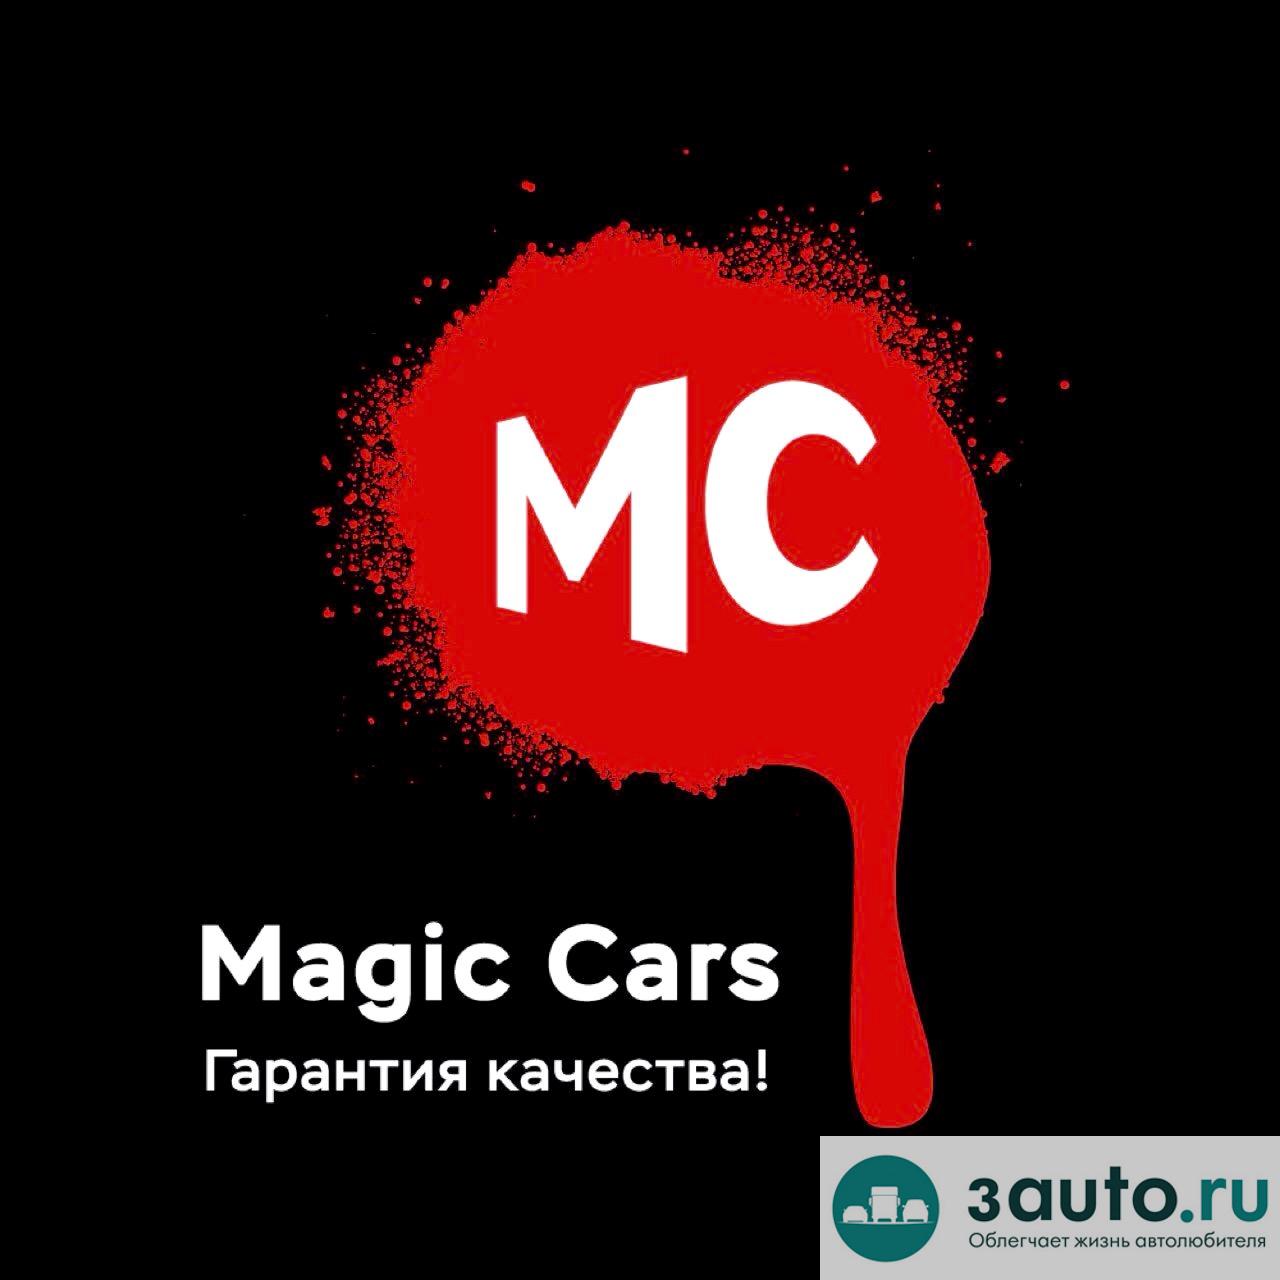 Magic Cars